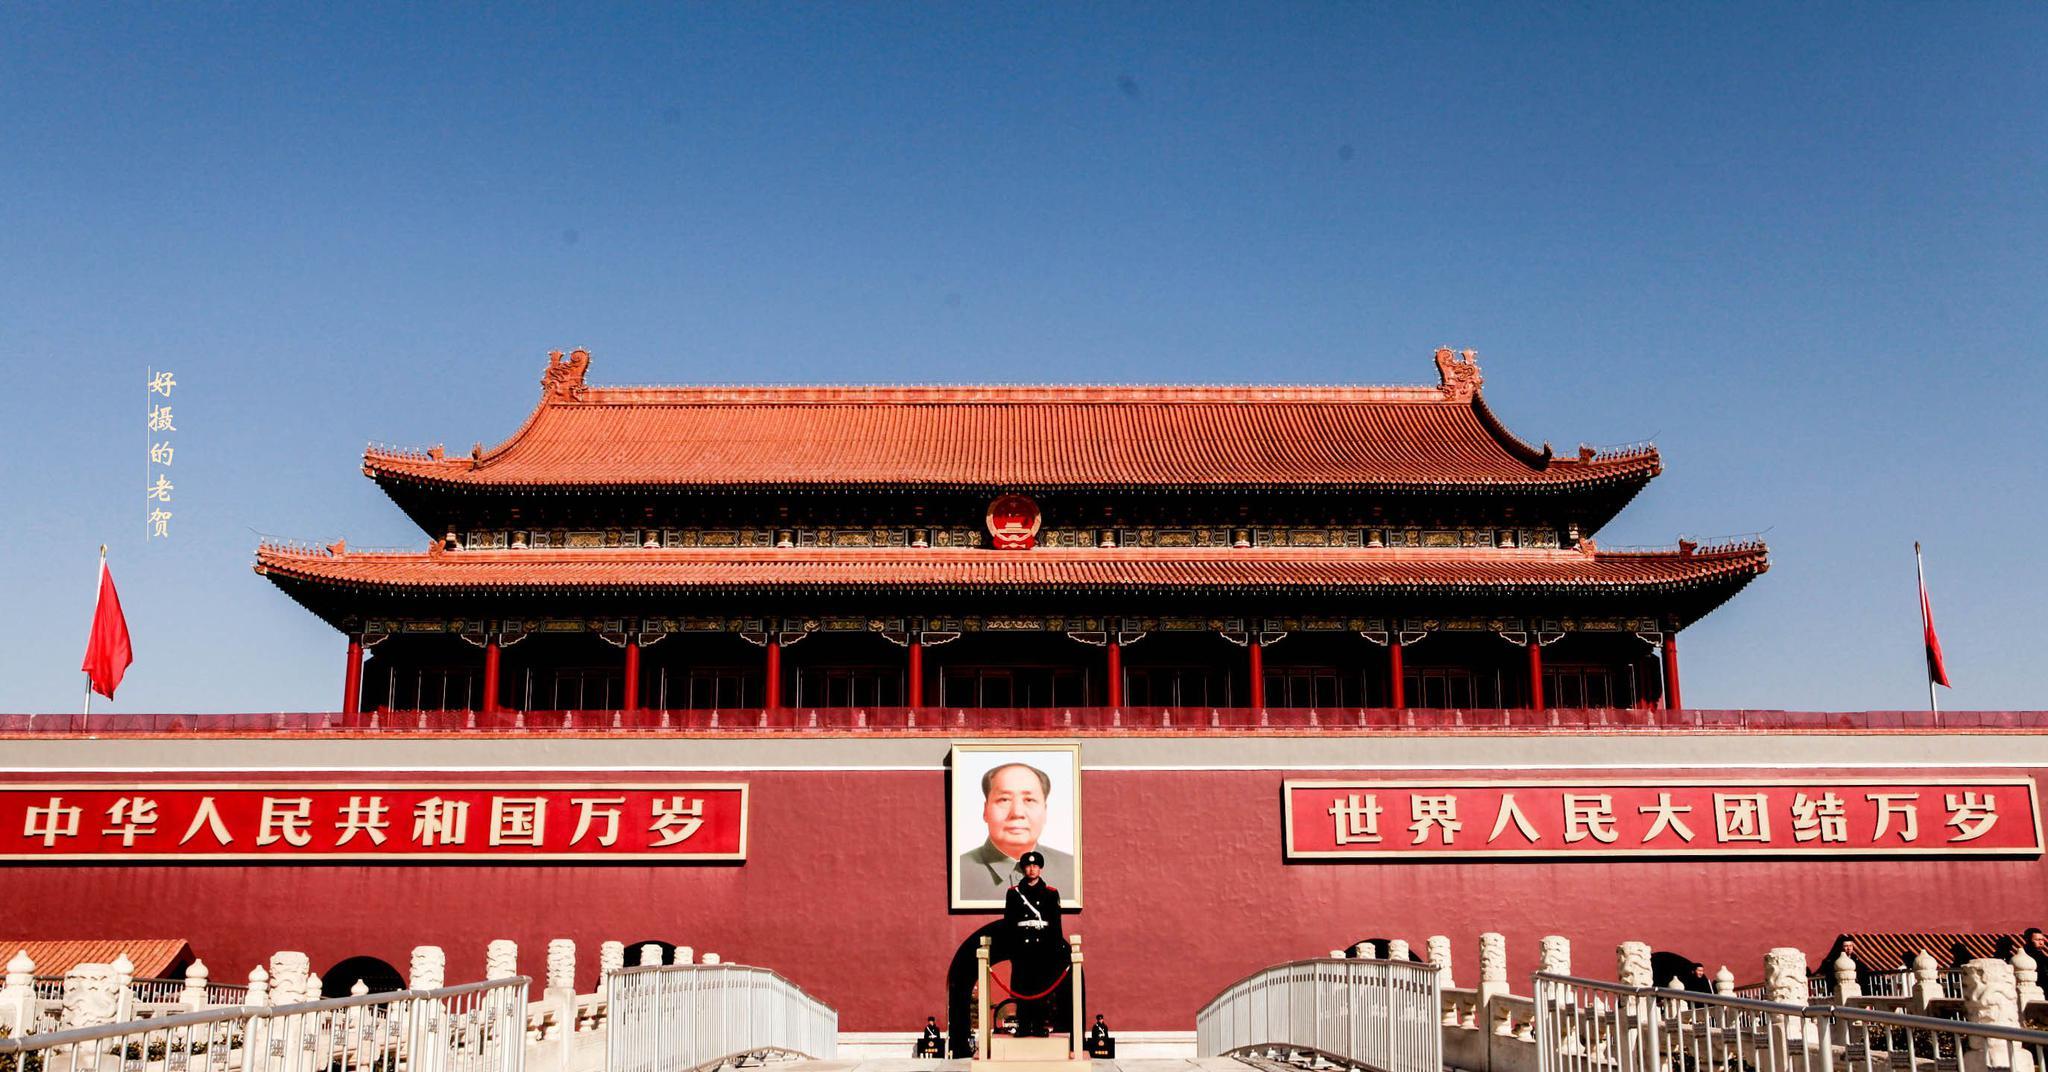 明清故宫,中国传统文化的瑰宝